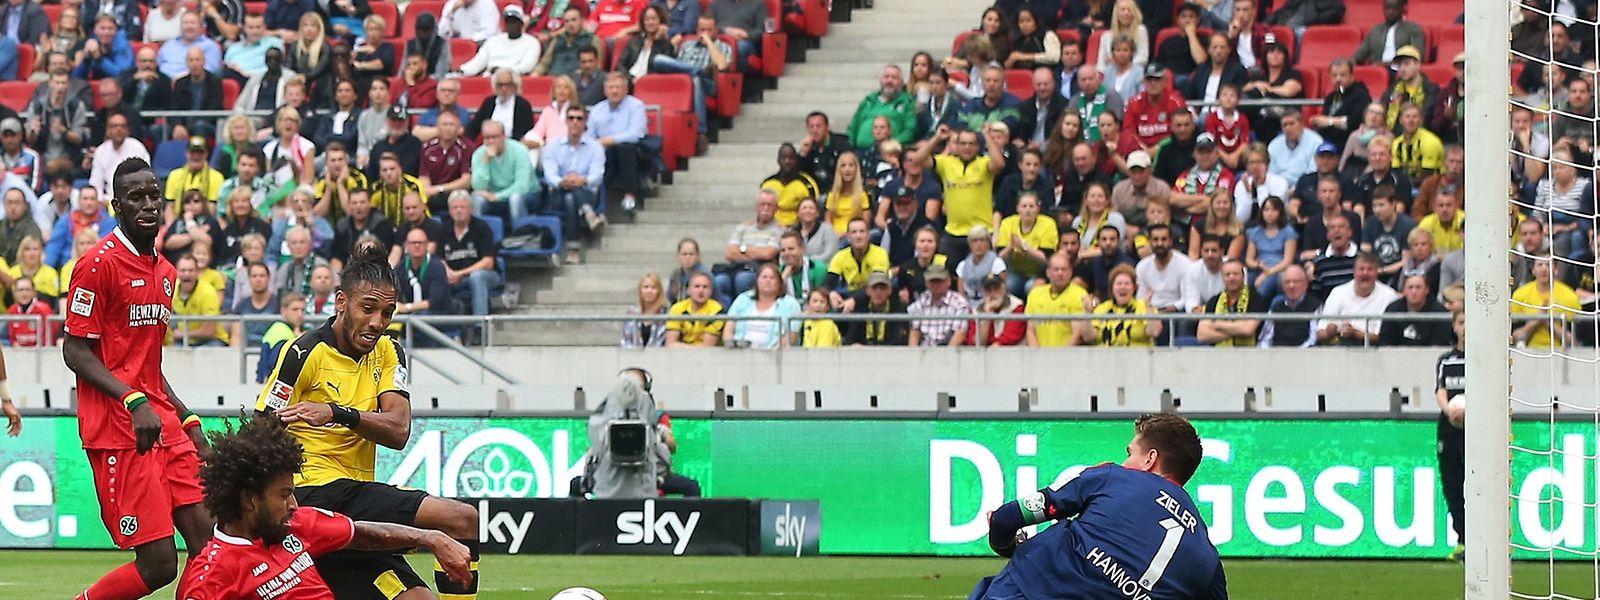 Der Pechvogel des Spieltags: Felipe (Hannover, l.) verursachte zwei Elfmeter und schoss ein Eigentor.